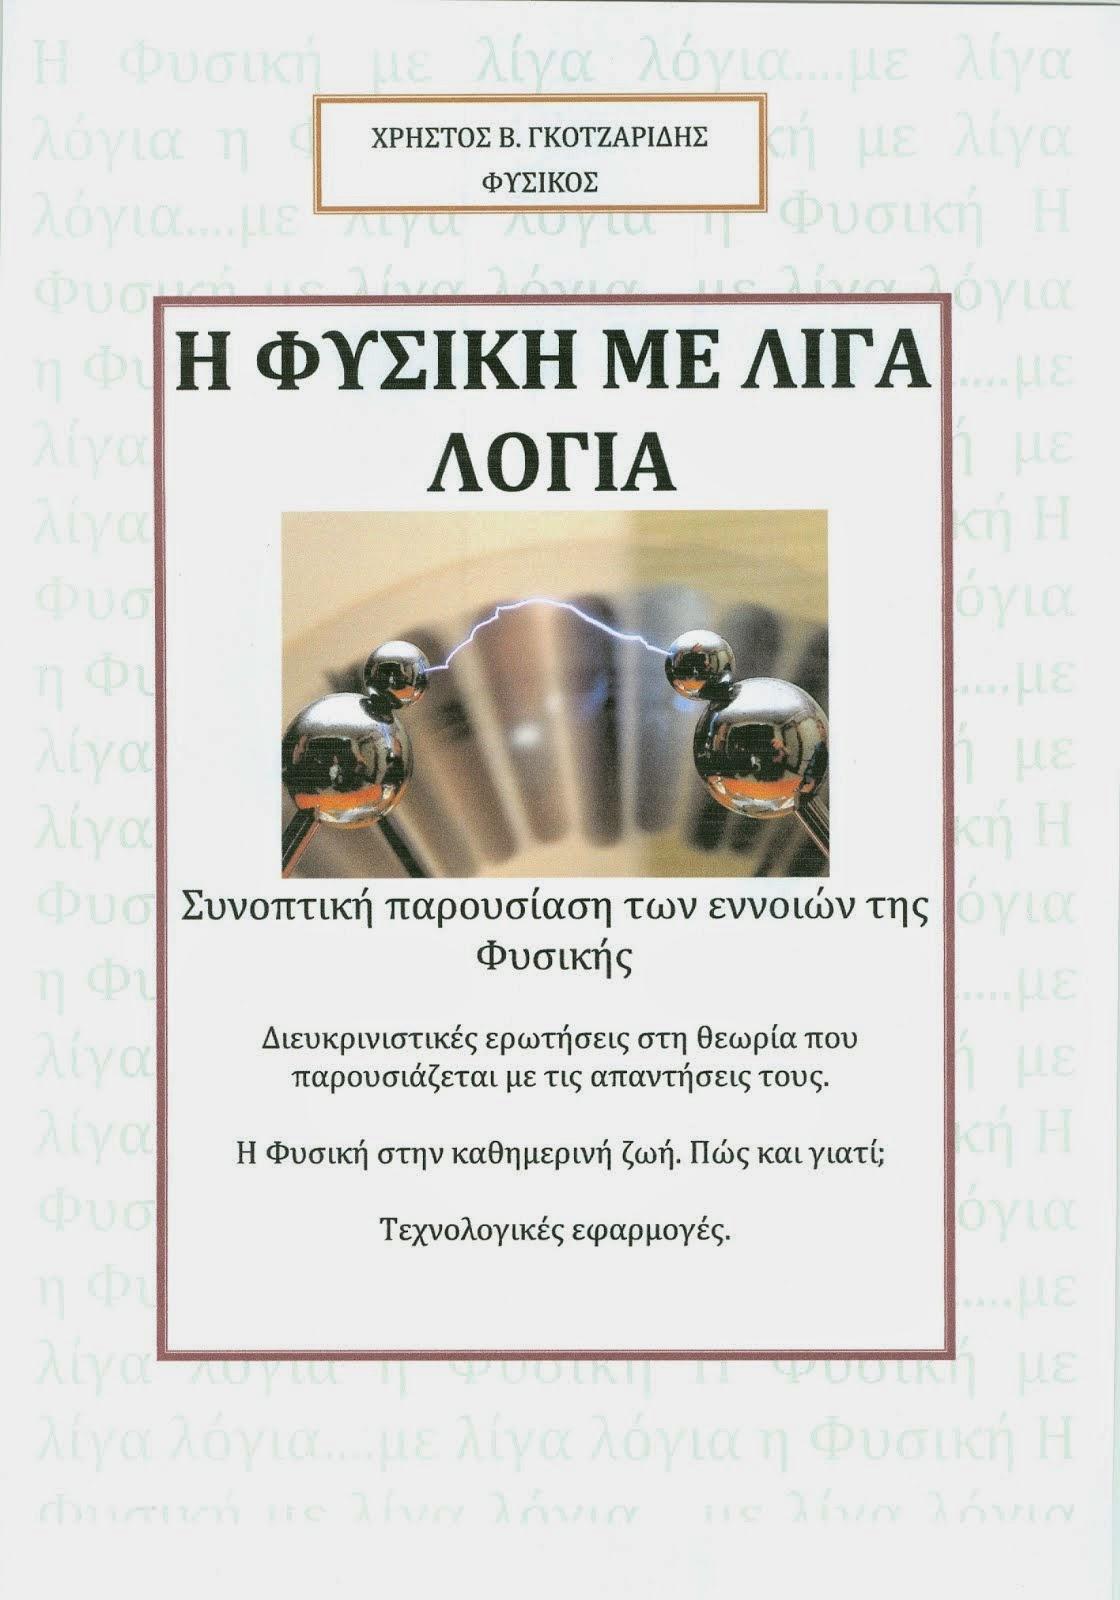 ΤΟ ΝΕΟ ΒΙΒΛΙΟ ΤΟΥ Χ. ΓΚΟΤΖΑΡΙΔΗ